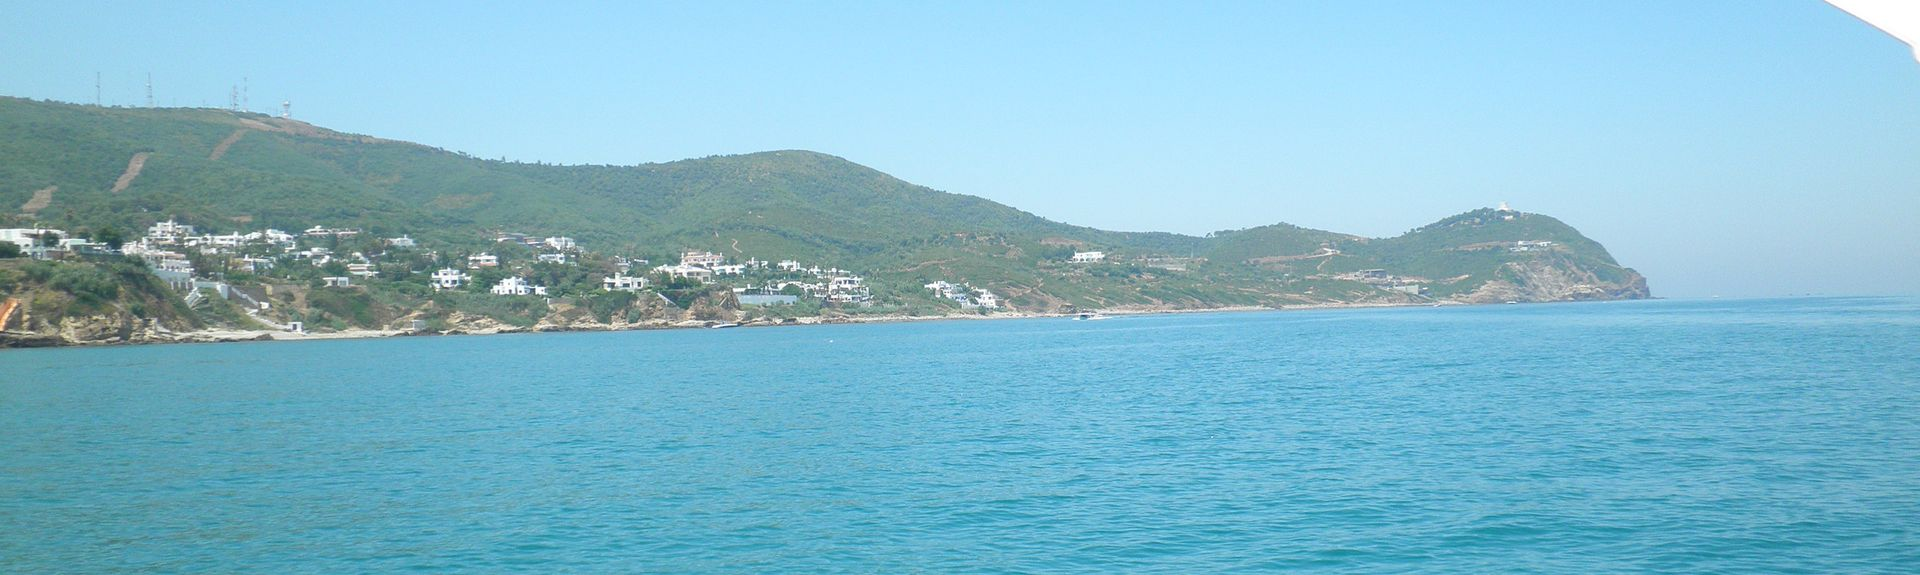 M'diq, Morocco